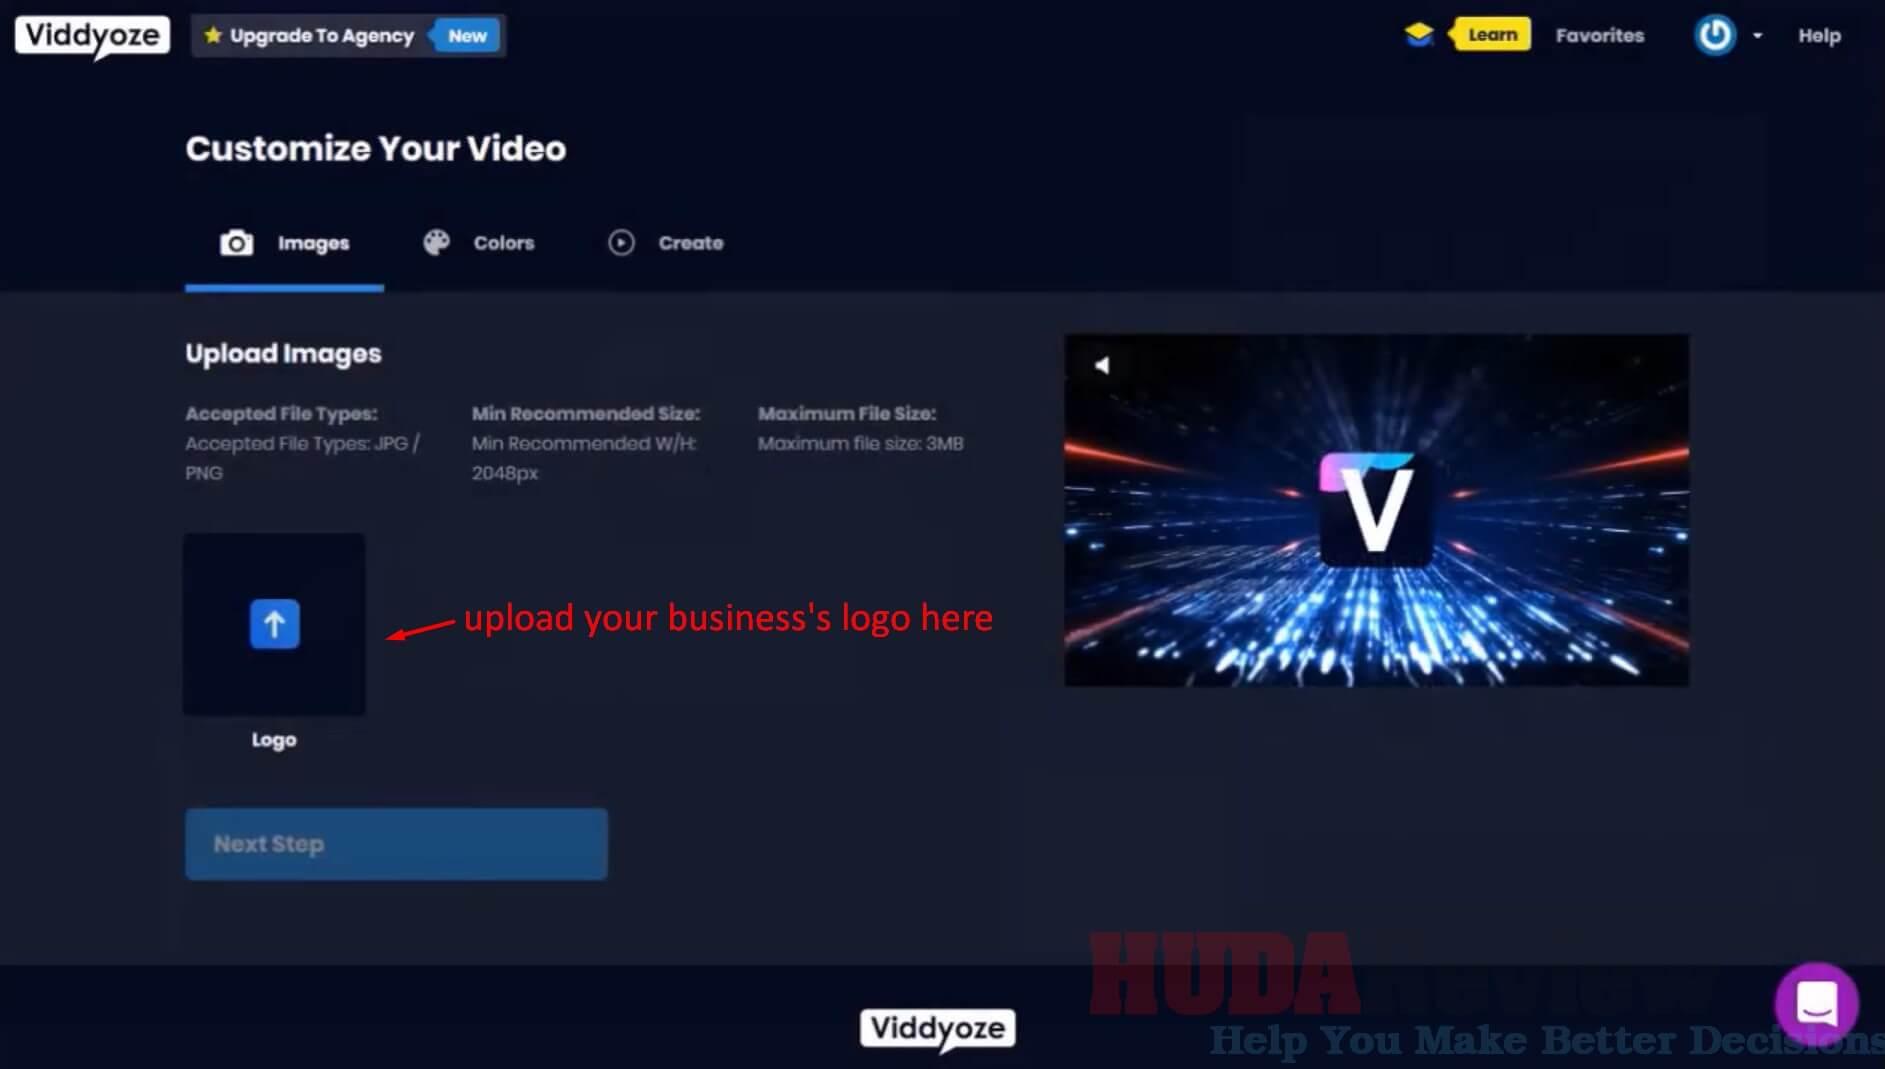 Viddyoze-Review-Step-2-2